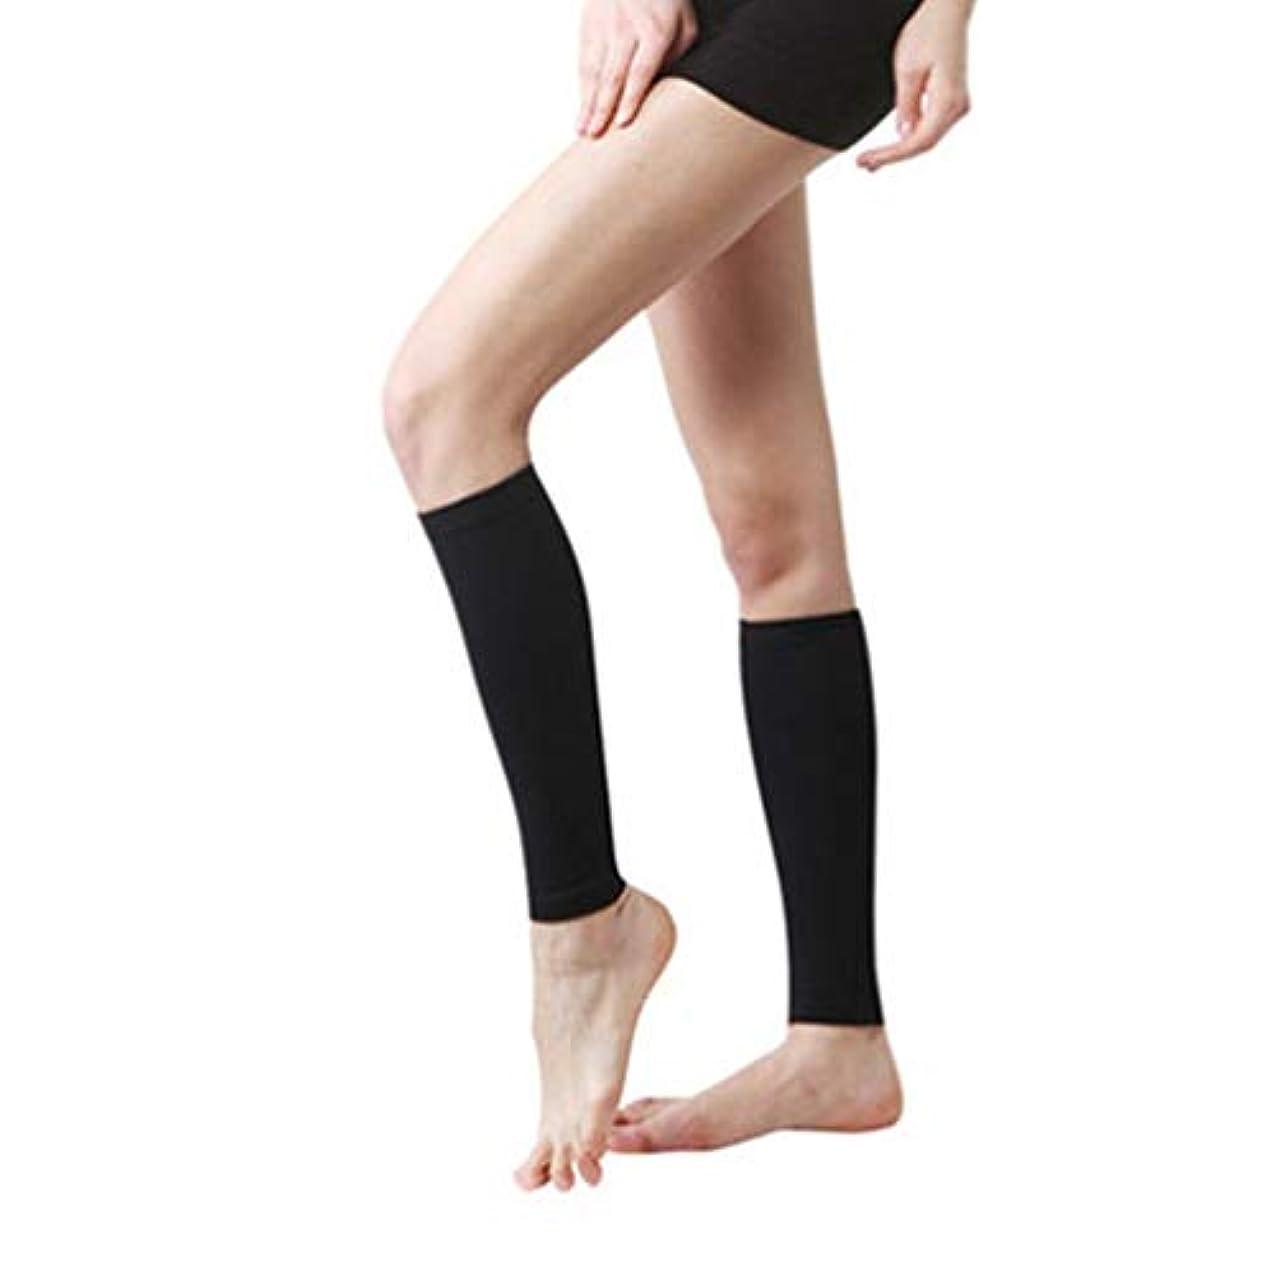 粘り強いインペリアル七面鳥丈夫な男性女性プロの圧縮靴下通気性のある旅行活動看護師用シンススプリントフライトトラベル - ブラック